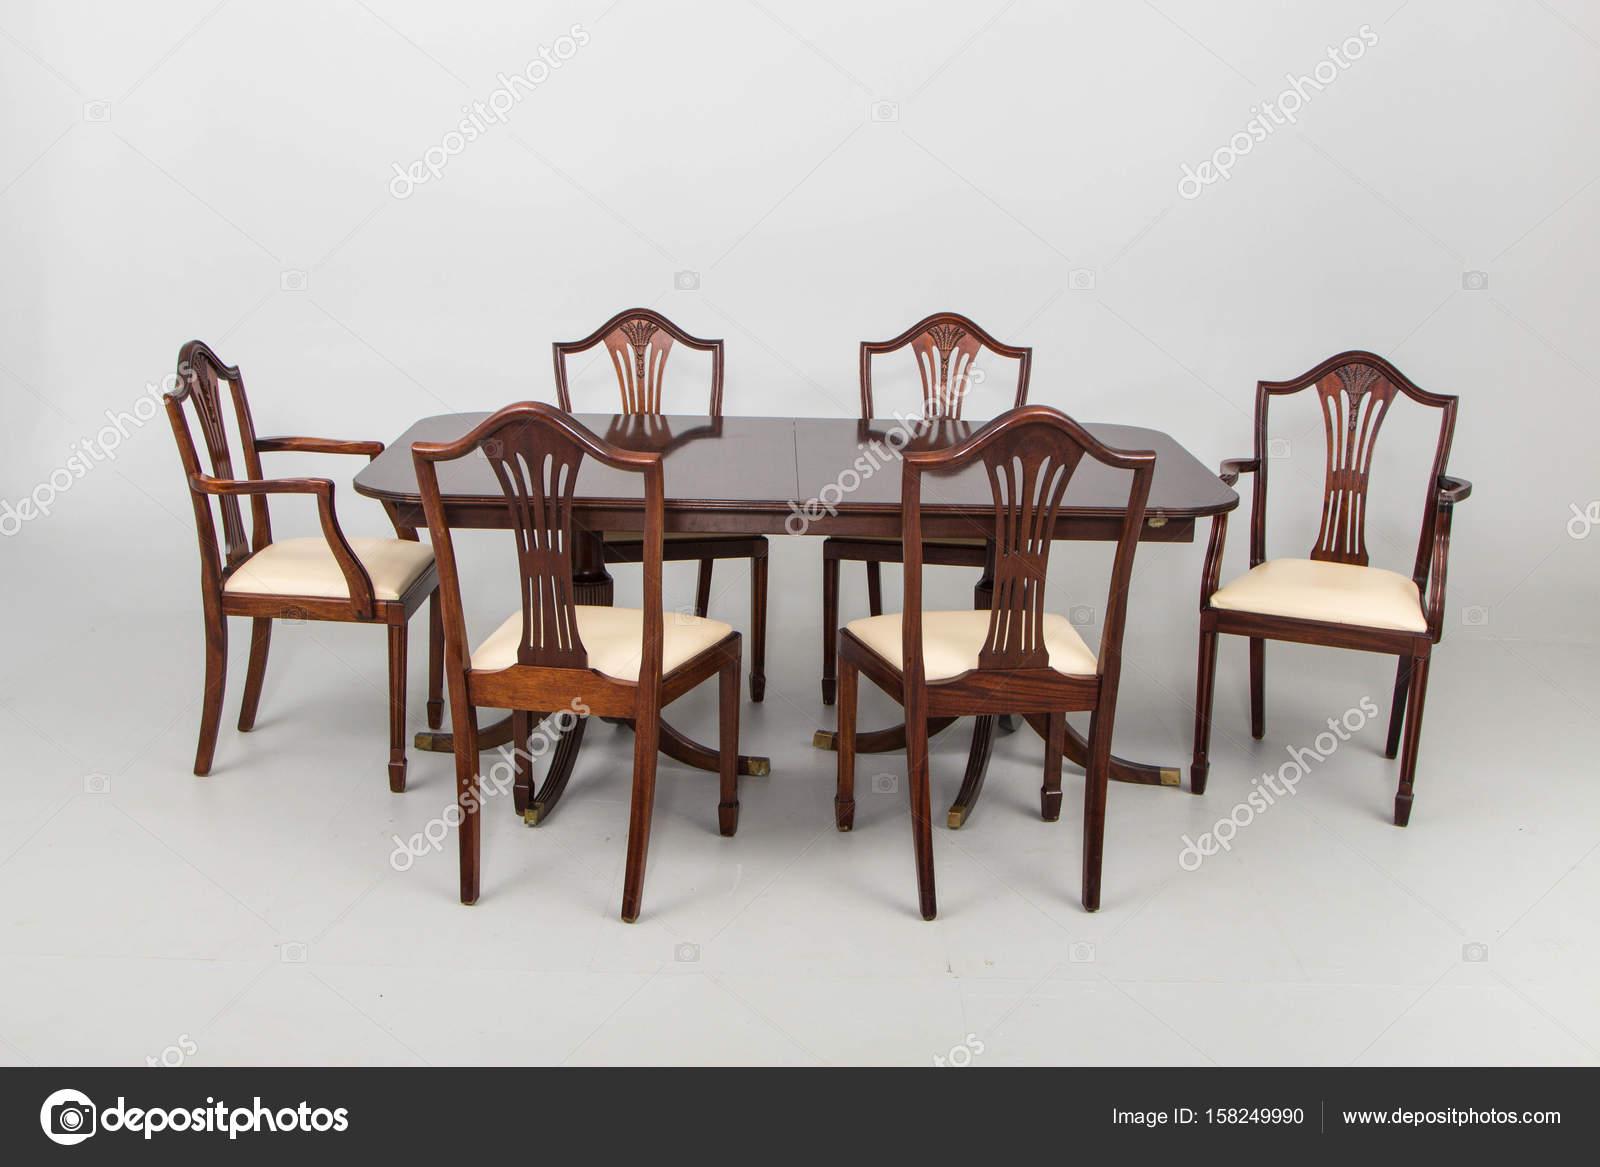 Sala da pranzo setsb sedie vintage foto stock jbgroup for Sedie da sala pranzo